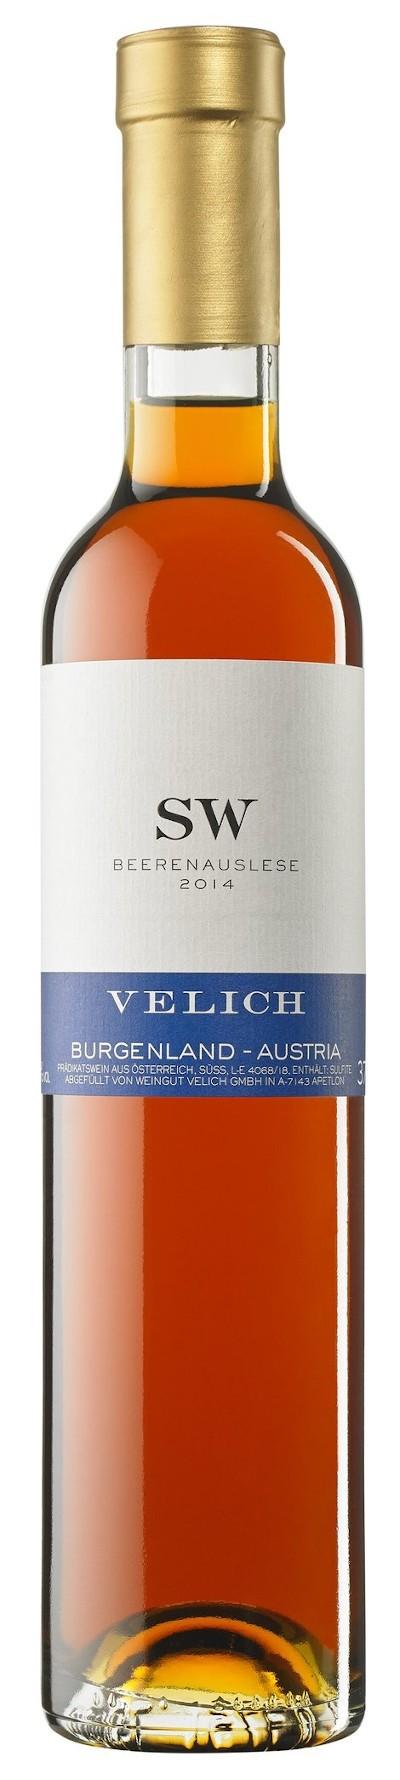 Velich - Beerenauslese Seewinkel